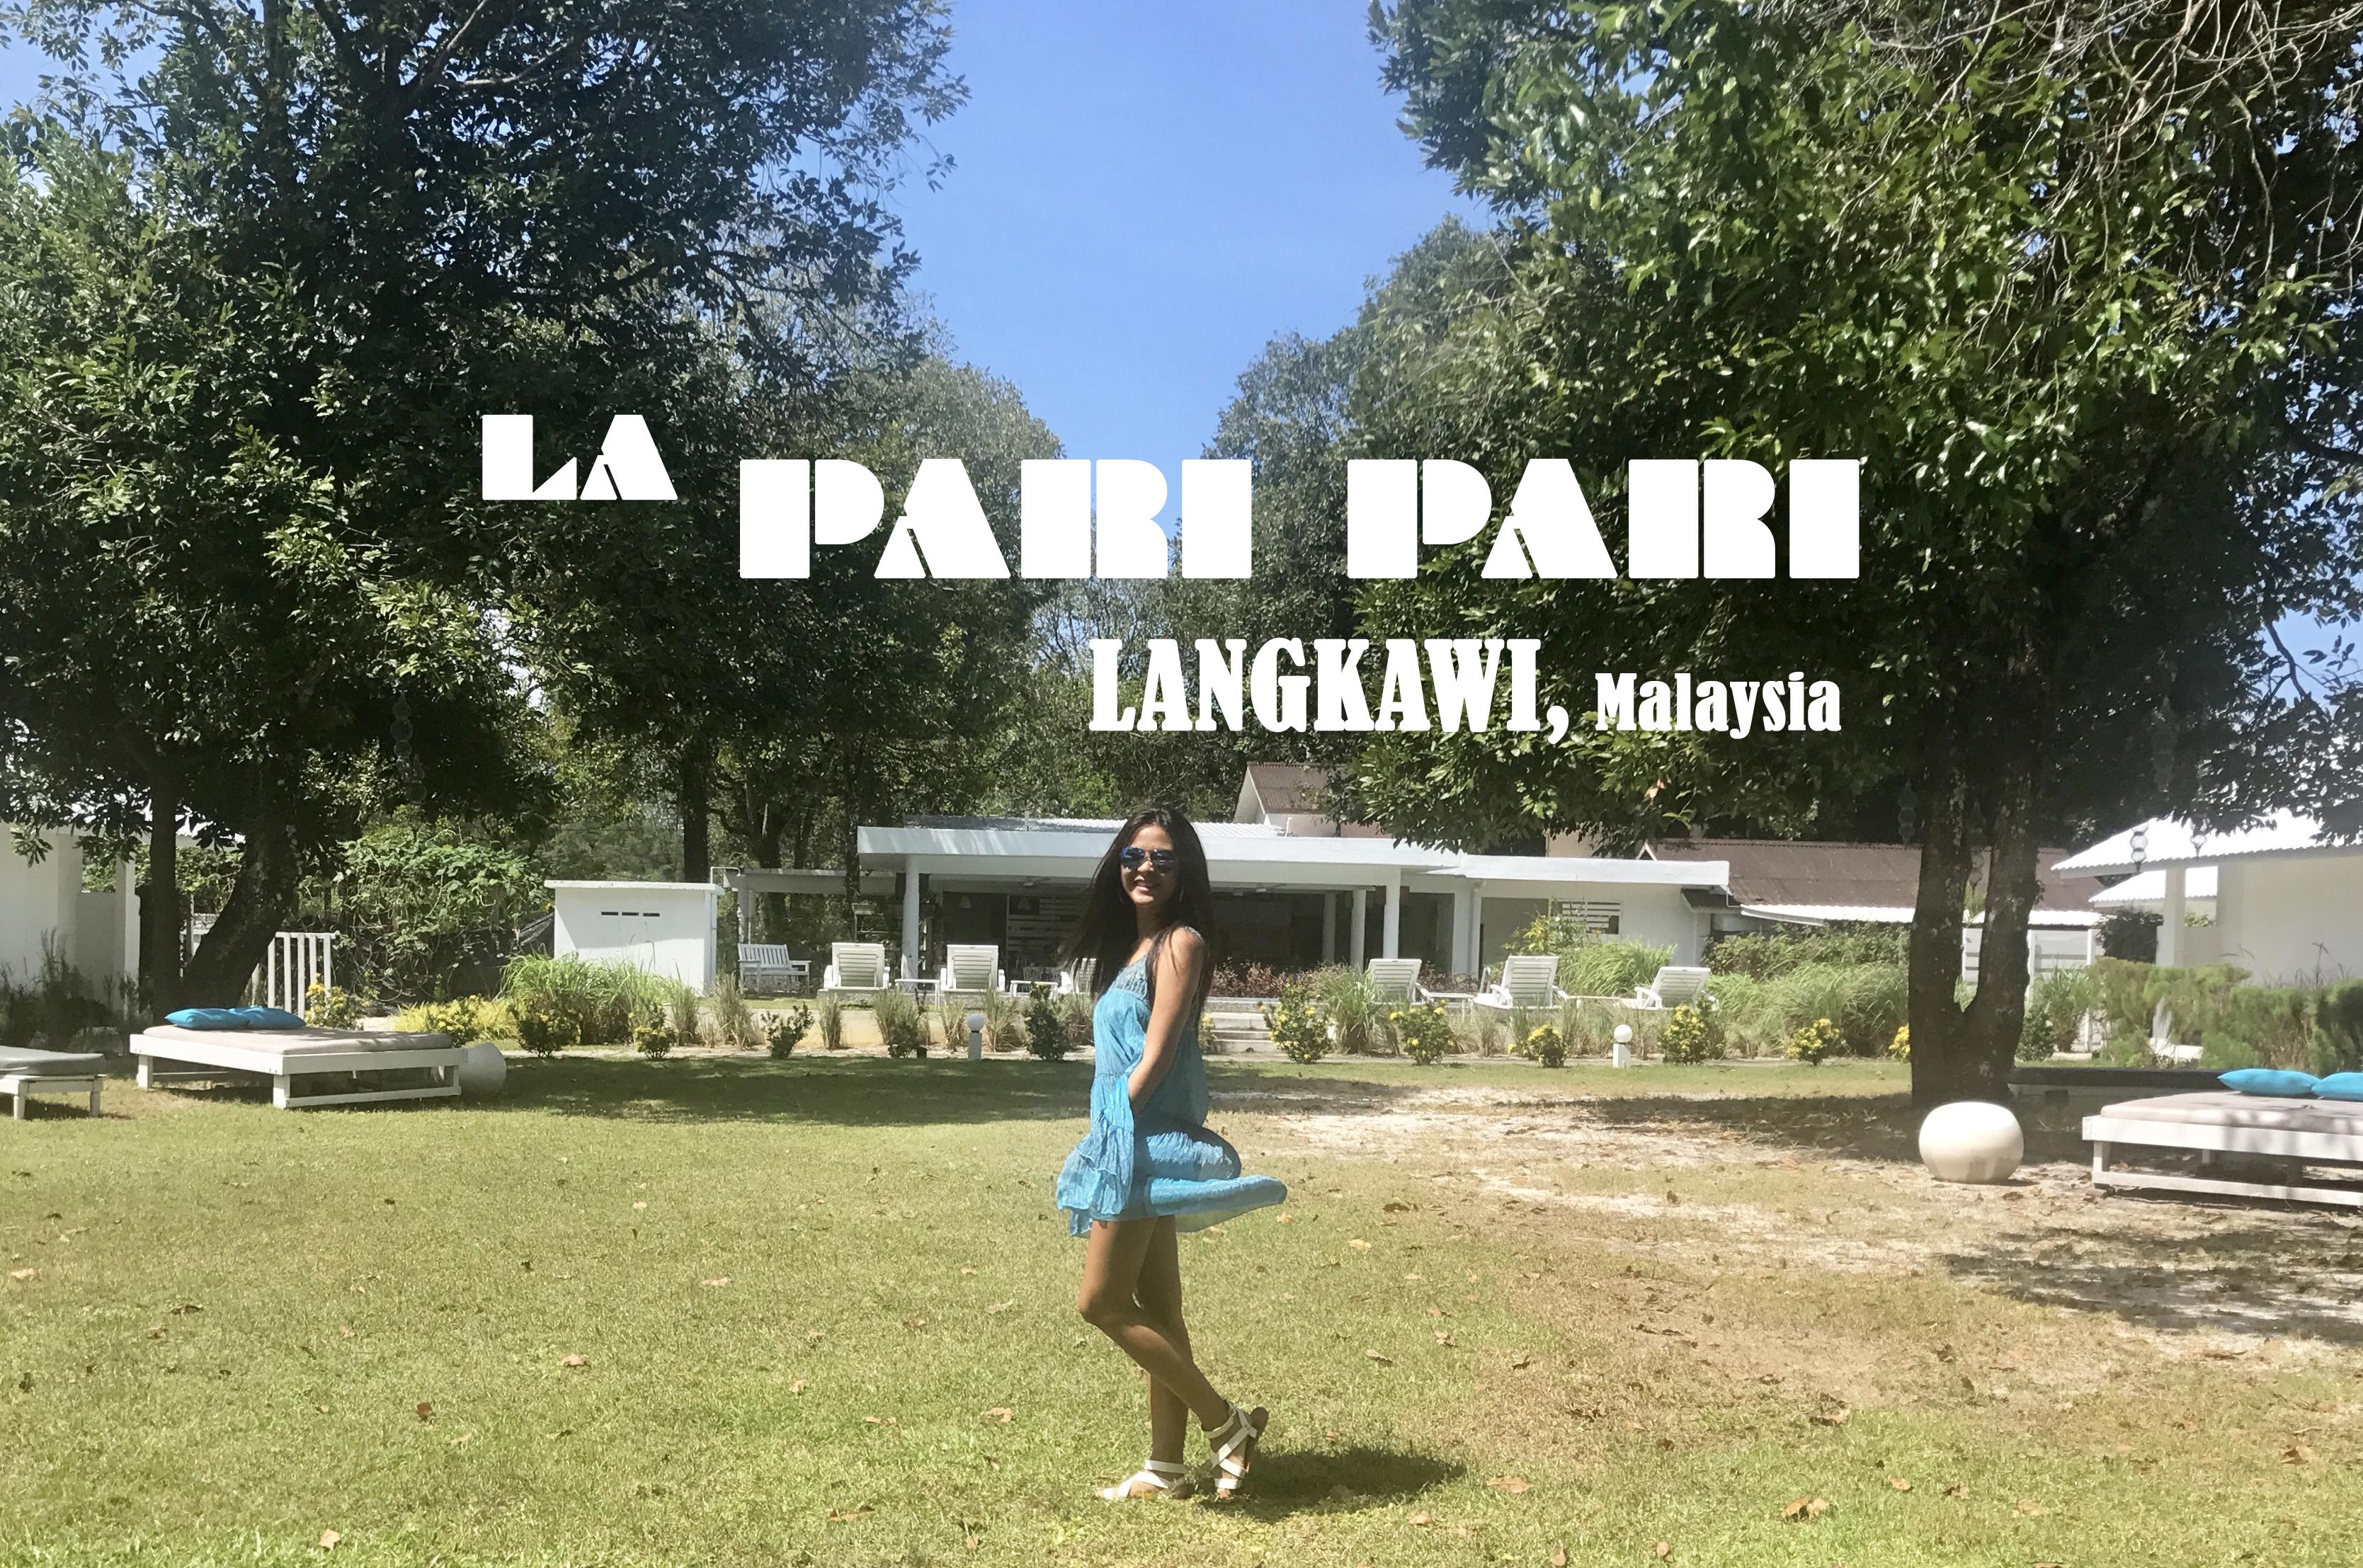 La Pari Pari Langkawi, Malaysia (Review)